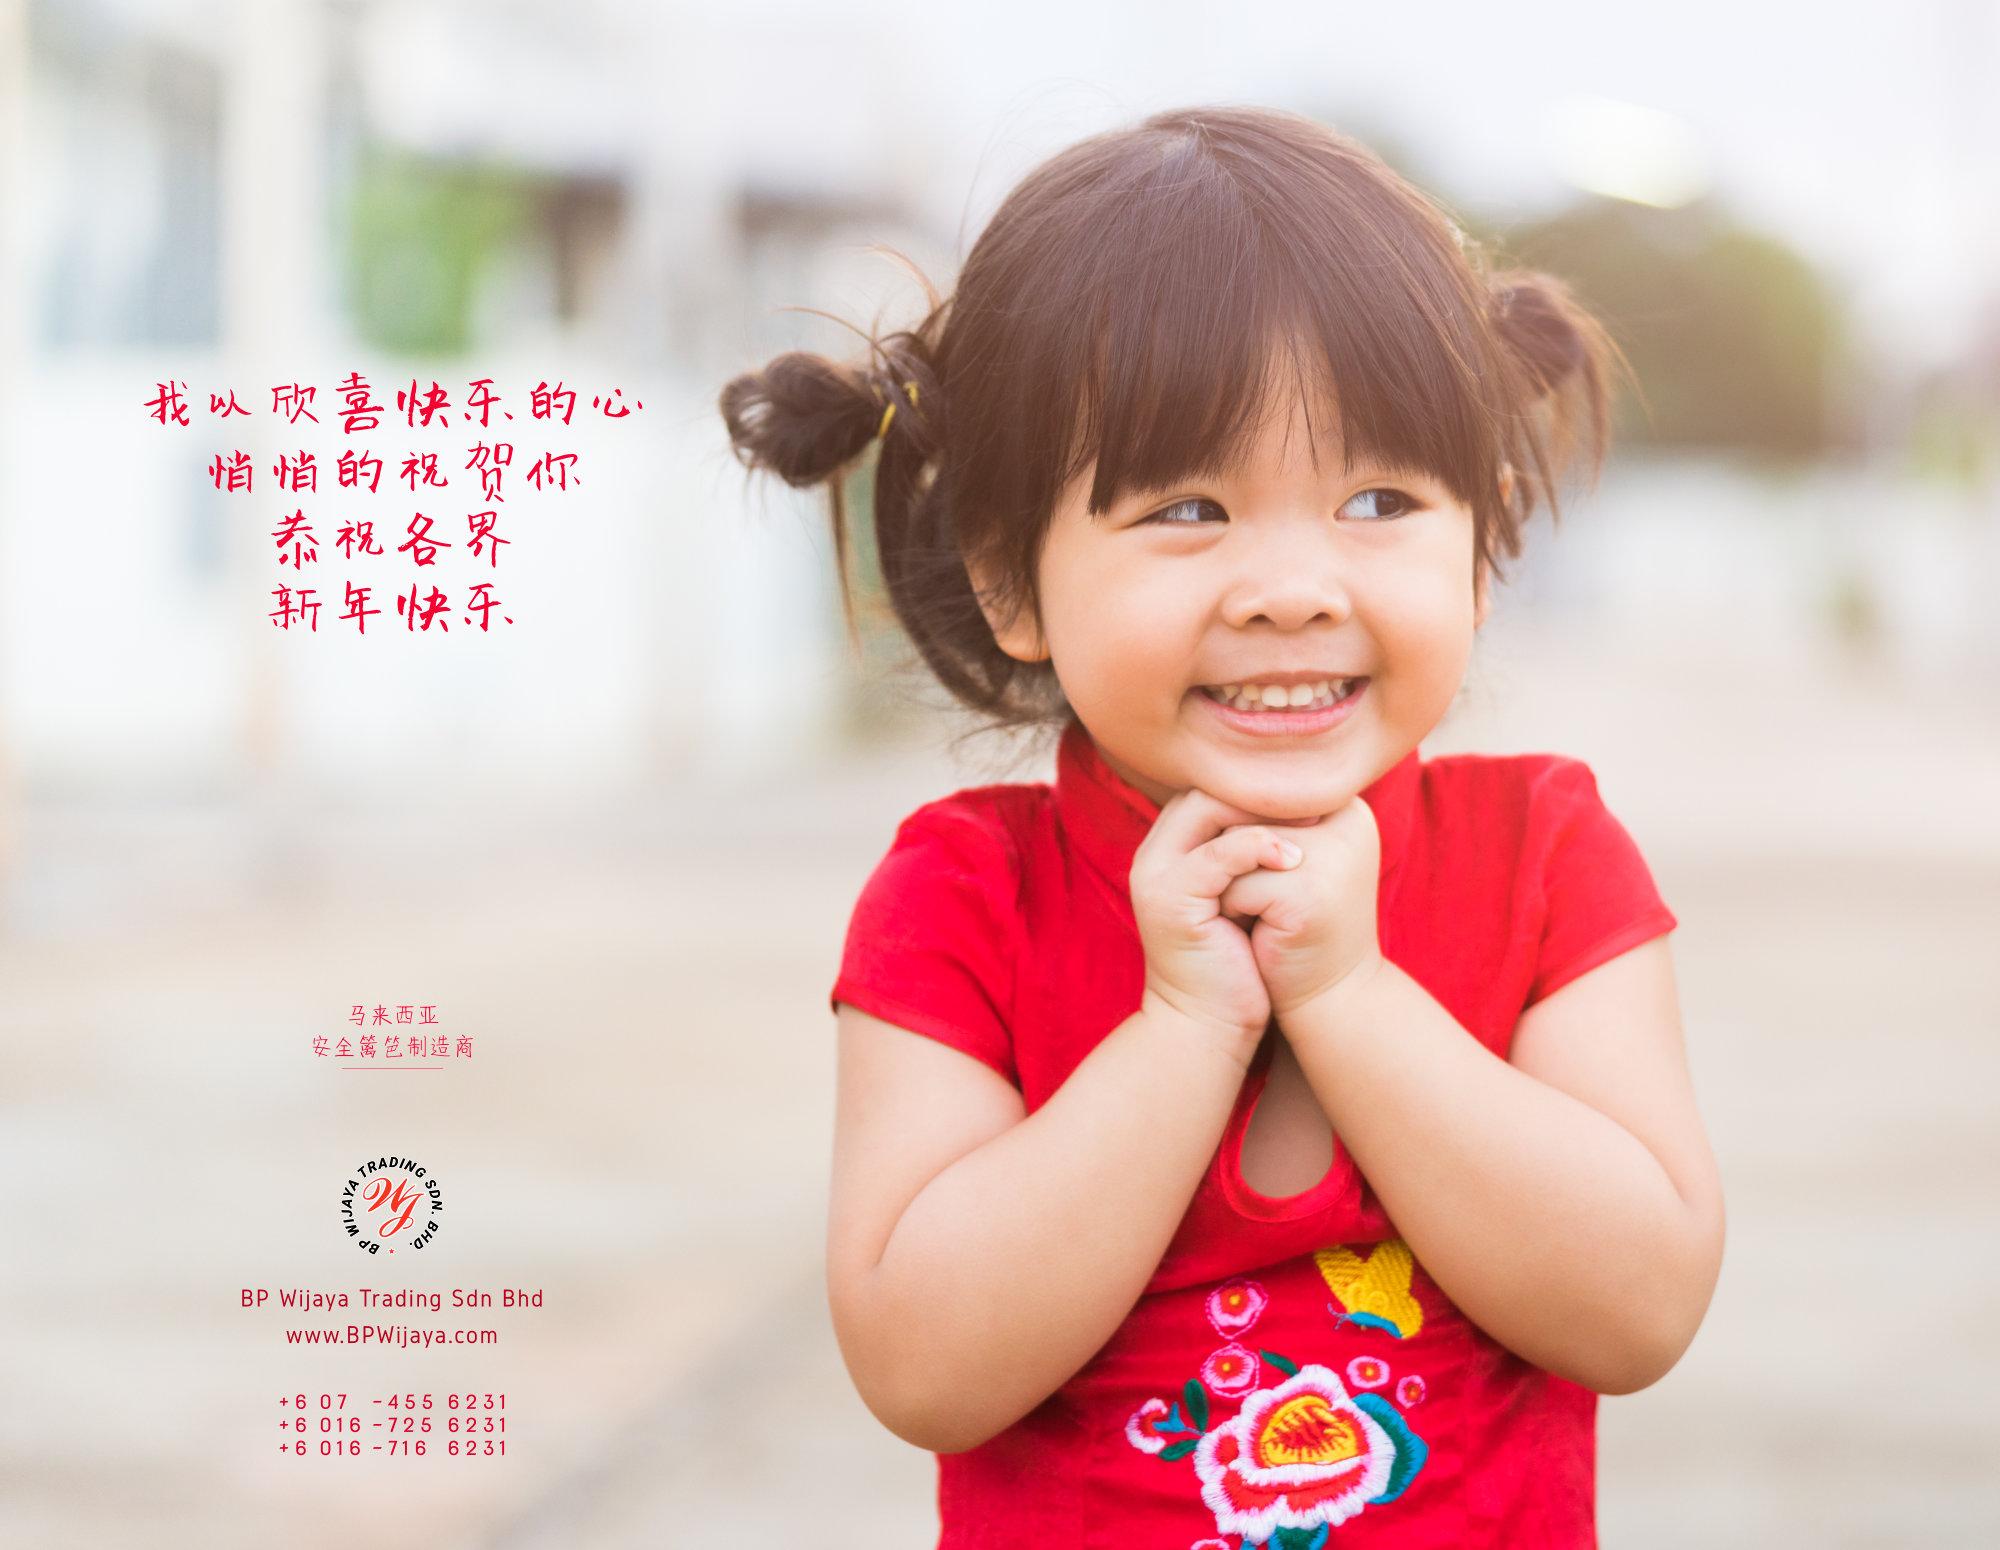 鼠年快乐 农历新年 2020 Chinese New Year 2020 Greeting from BP Wijaya Security Fence Manufacturer Malaysia A01